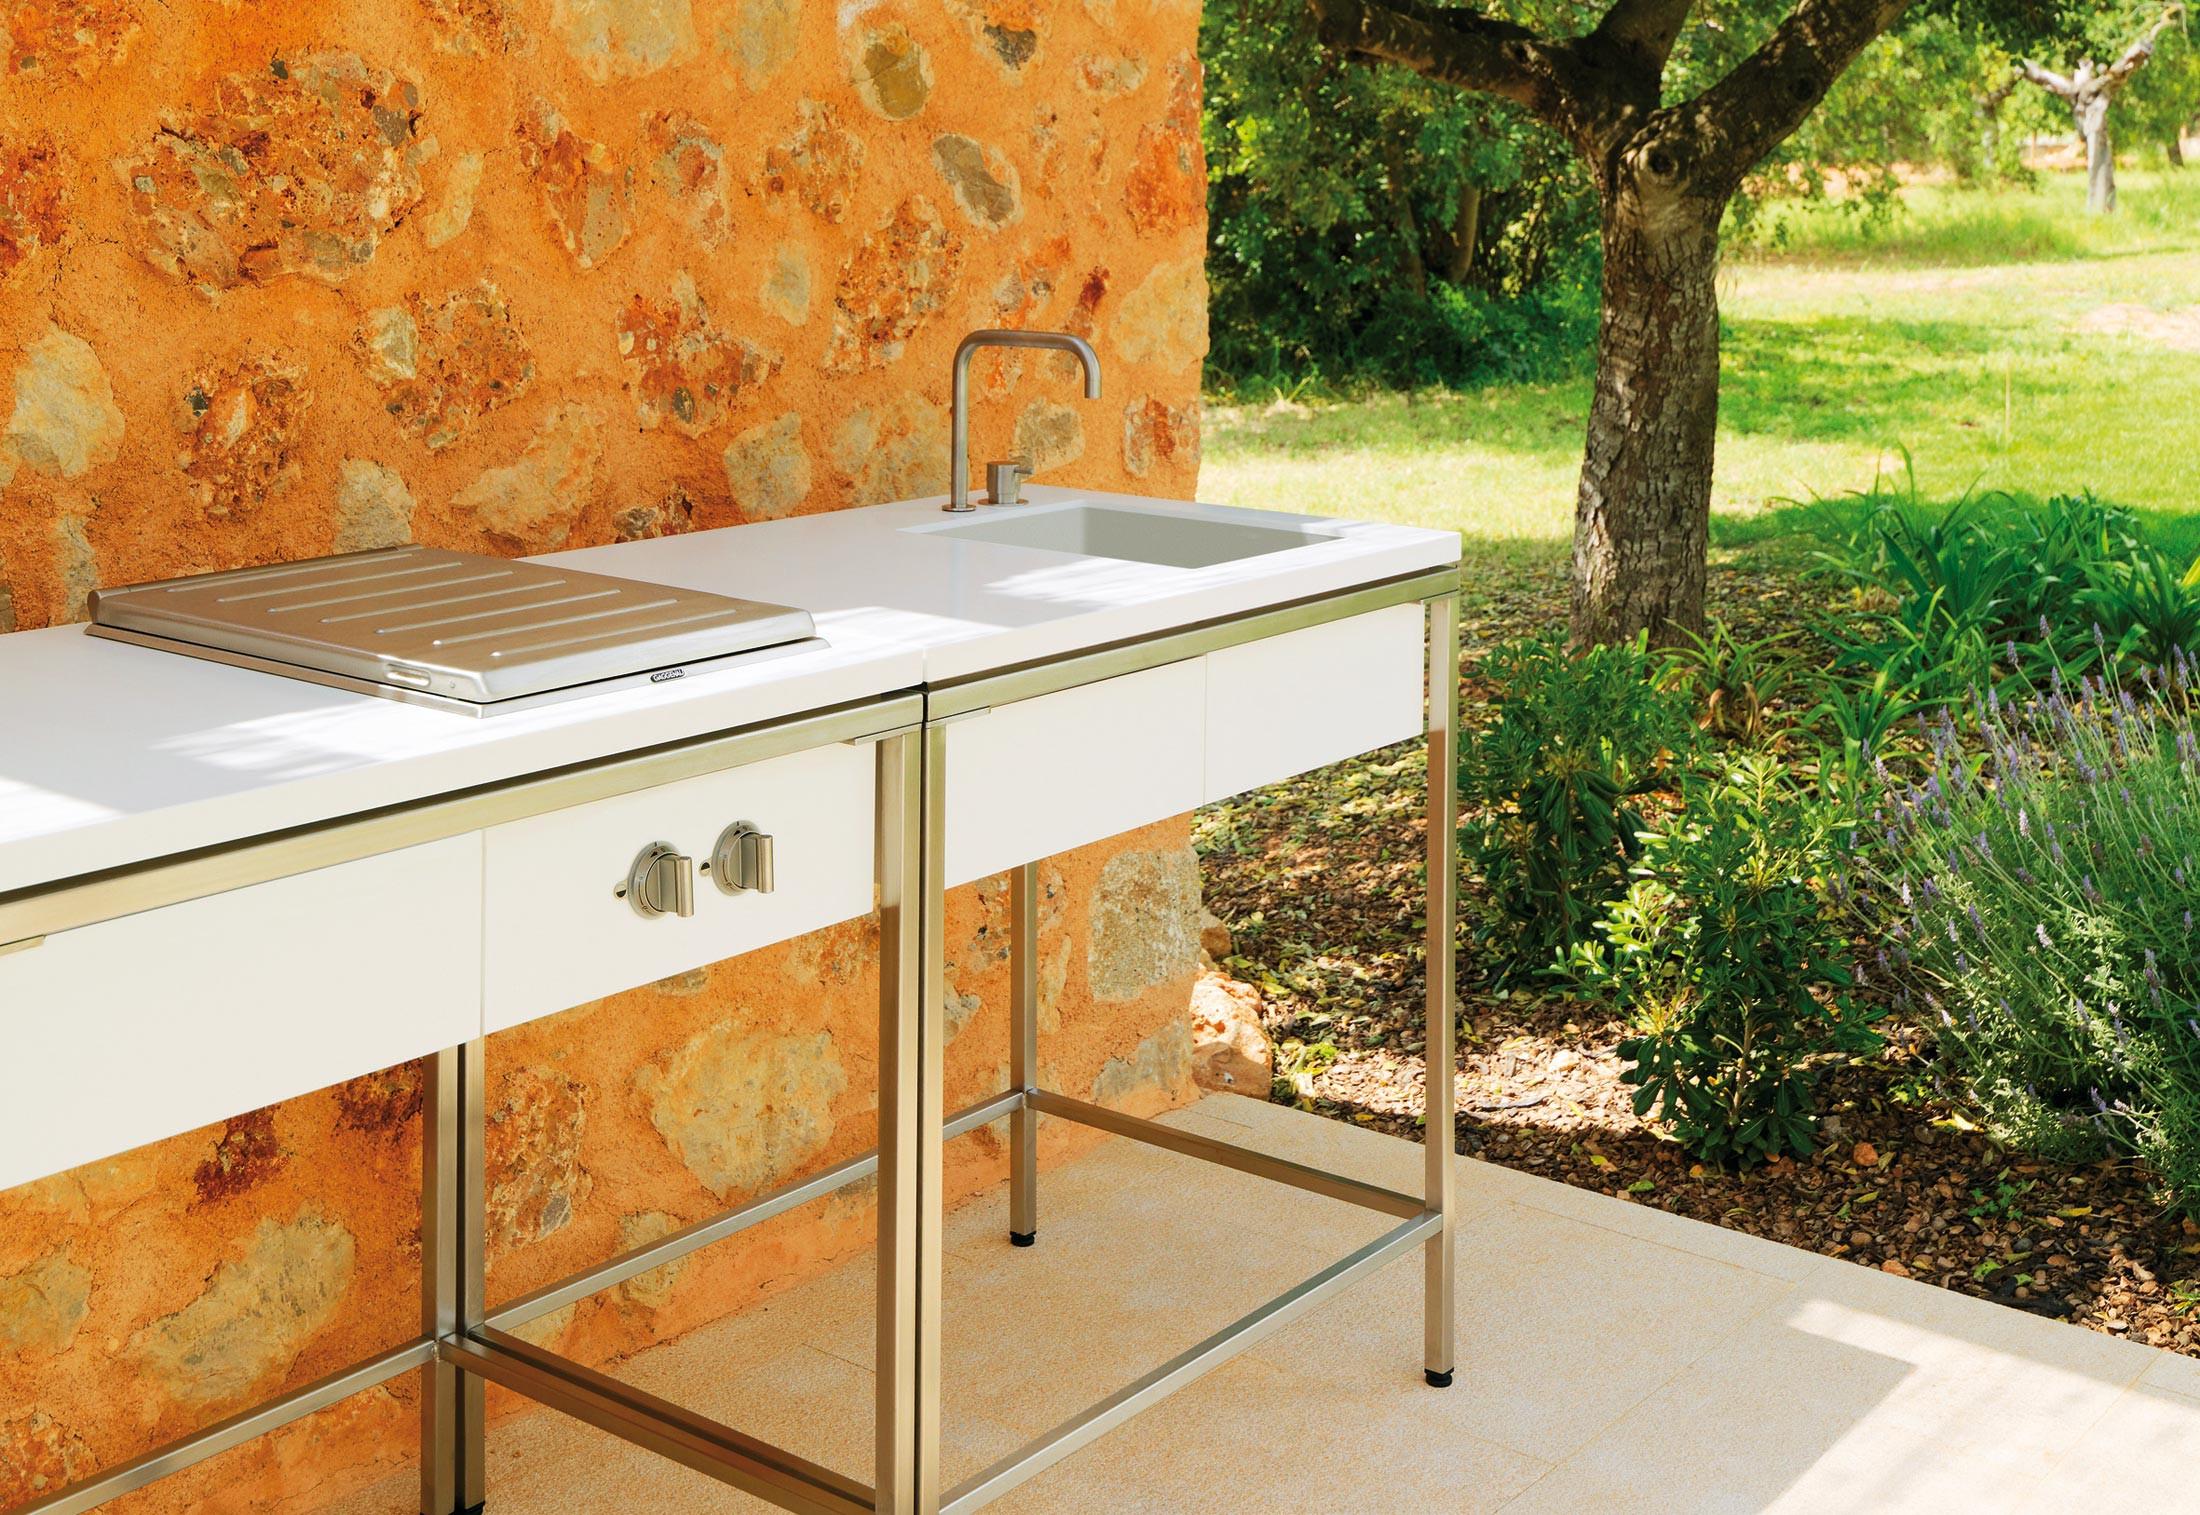 Outdoor Kitchen Sinks  Outdoor Kitchen sink modul by VITEO